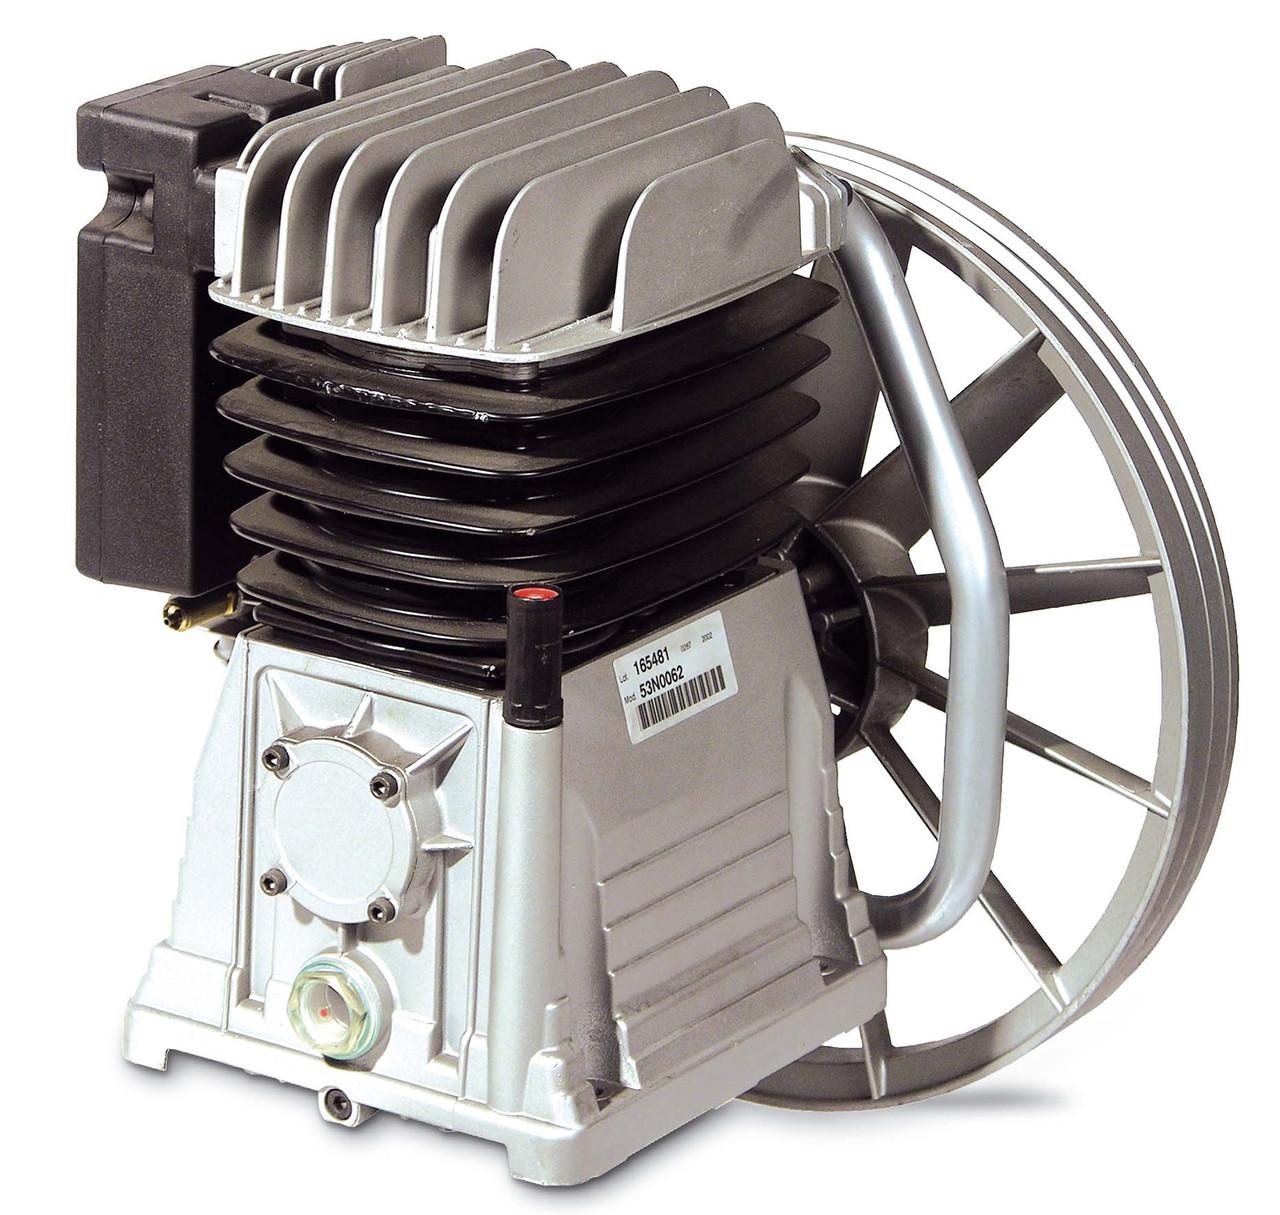 Поршневой блок компрессорная головка B5900 Abac